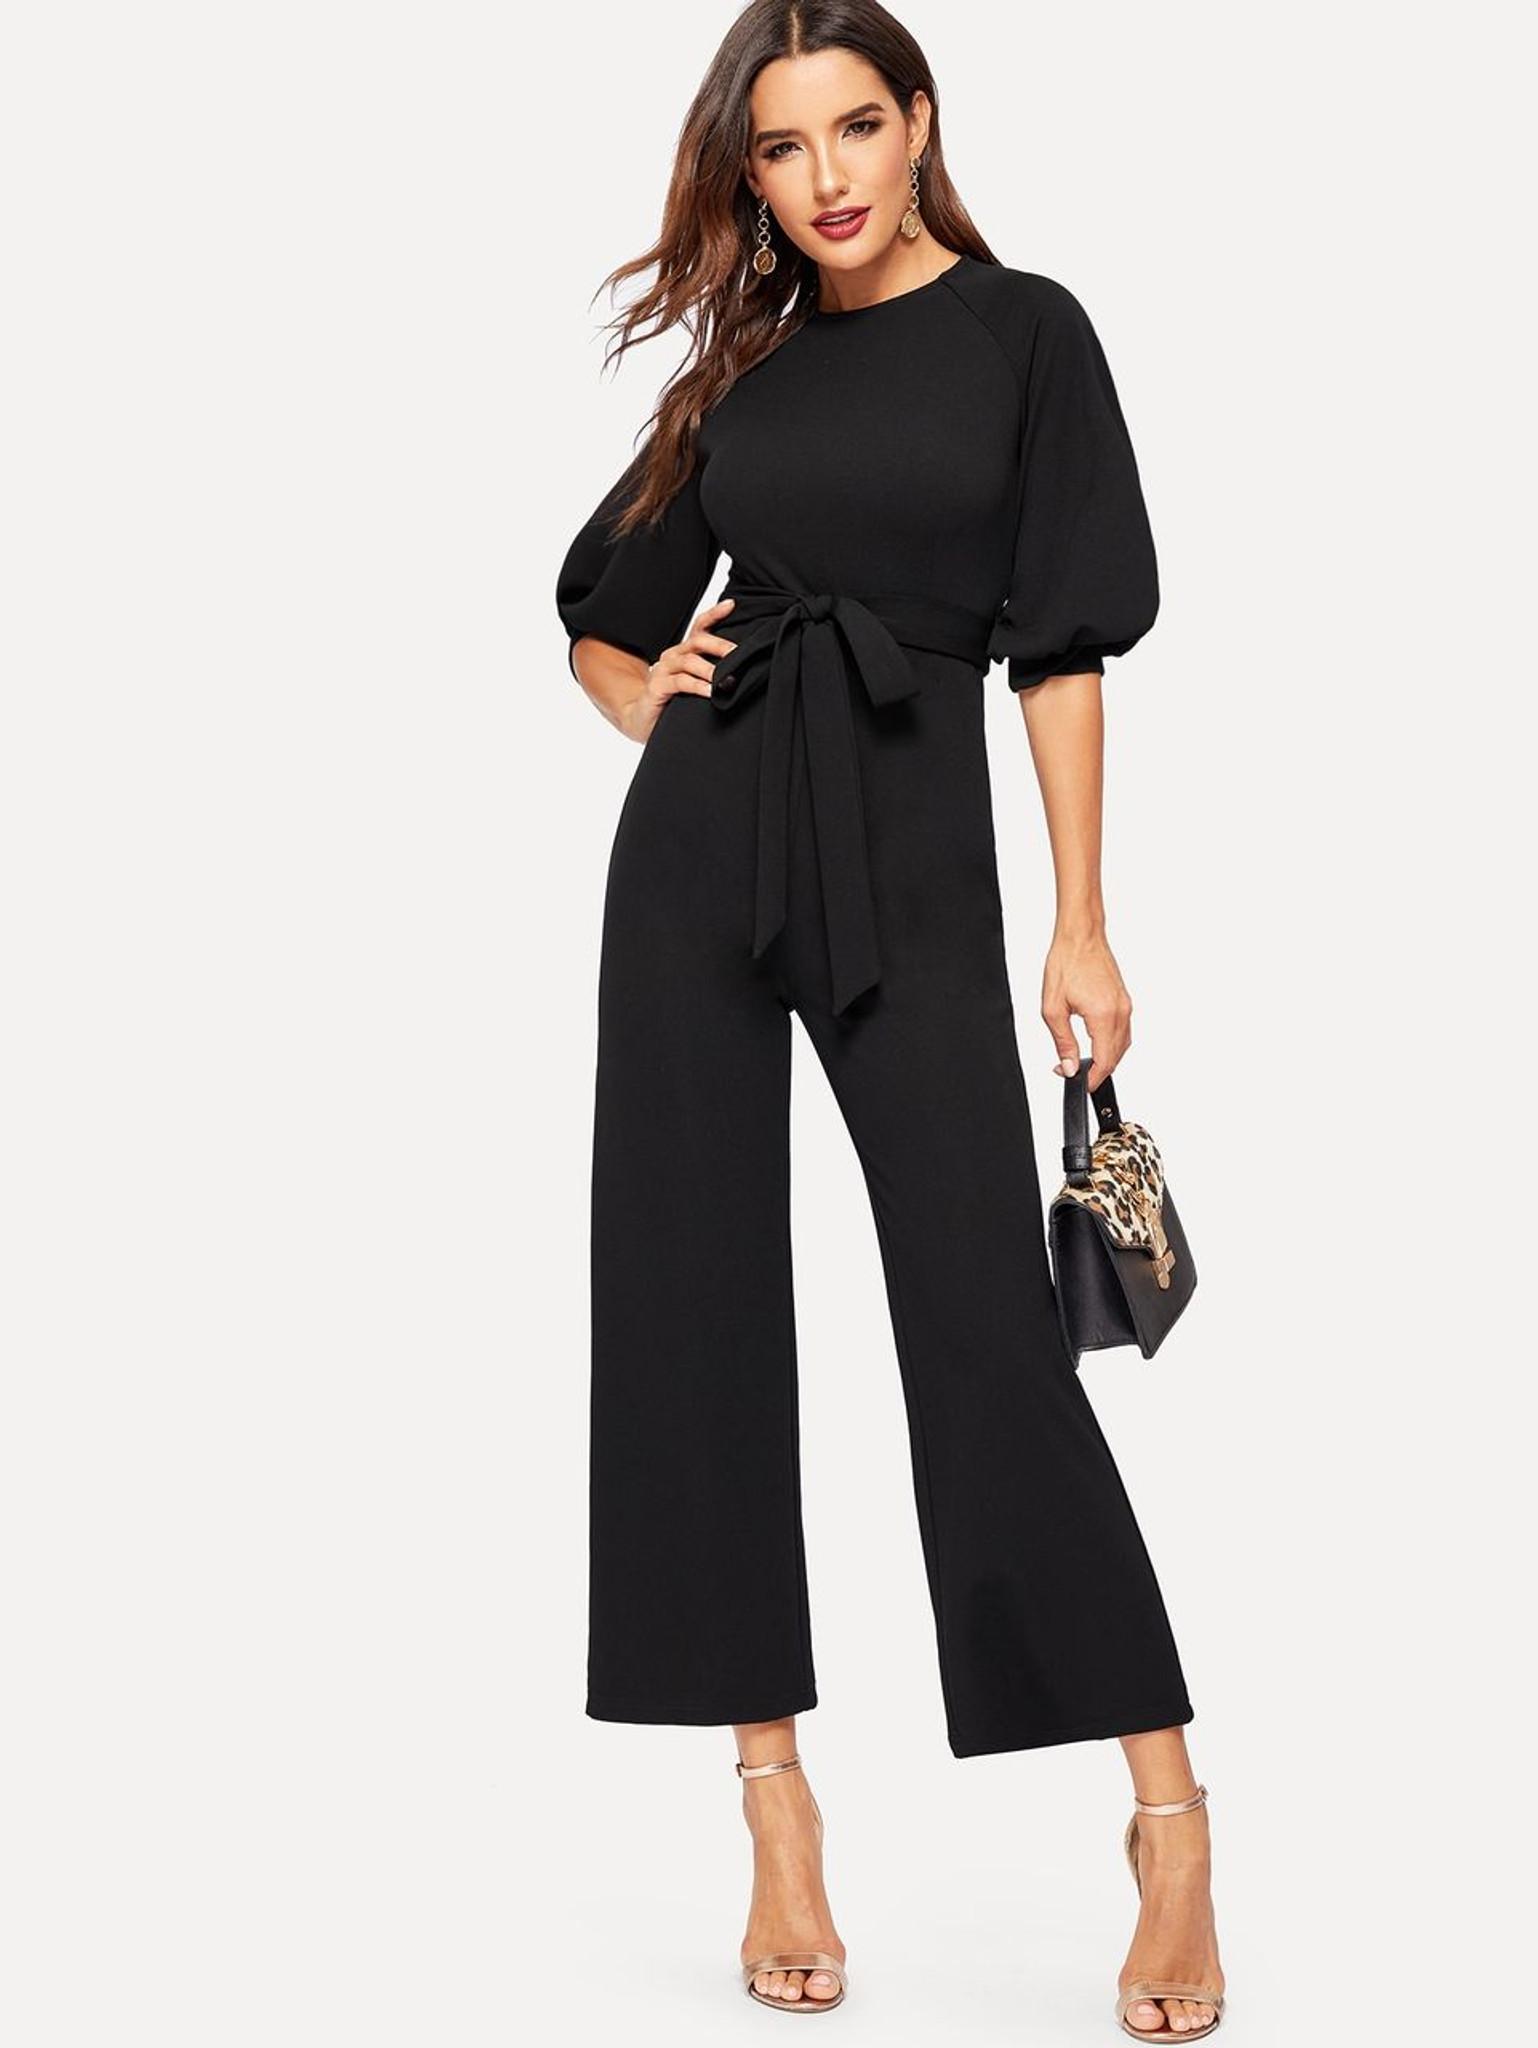 85d7ea3cc8c Fifth Avenue Women s Lantern Sleeve JMS53 Jumpsuit - Black